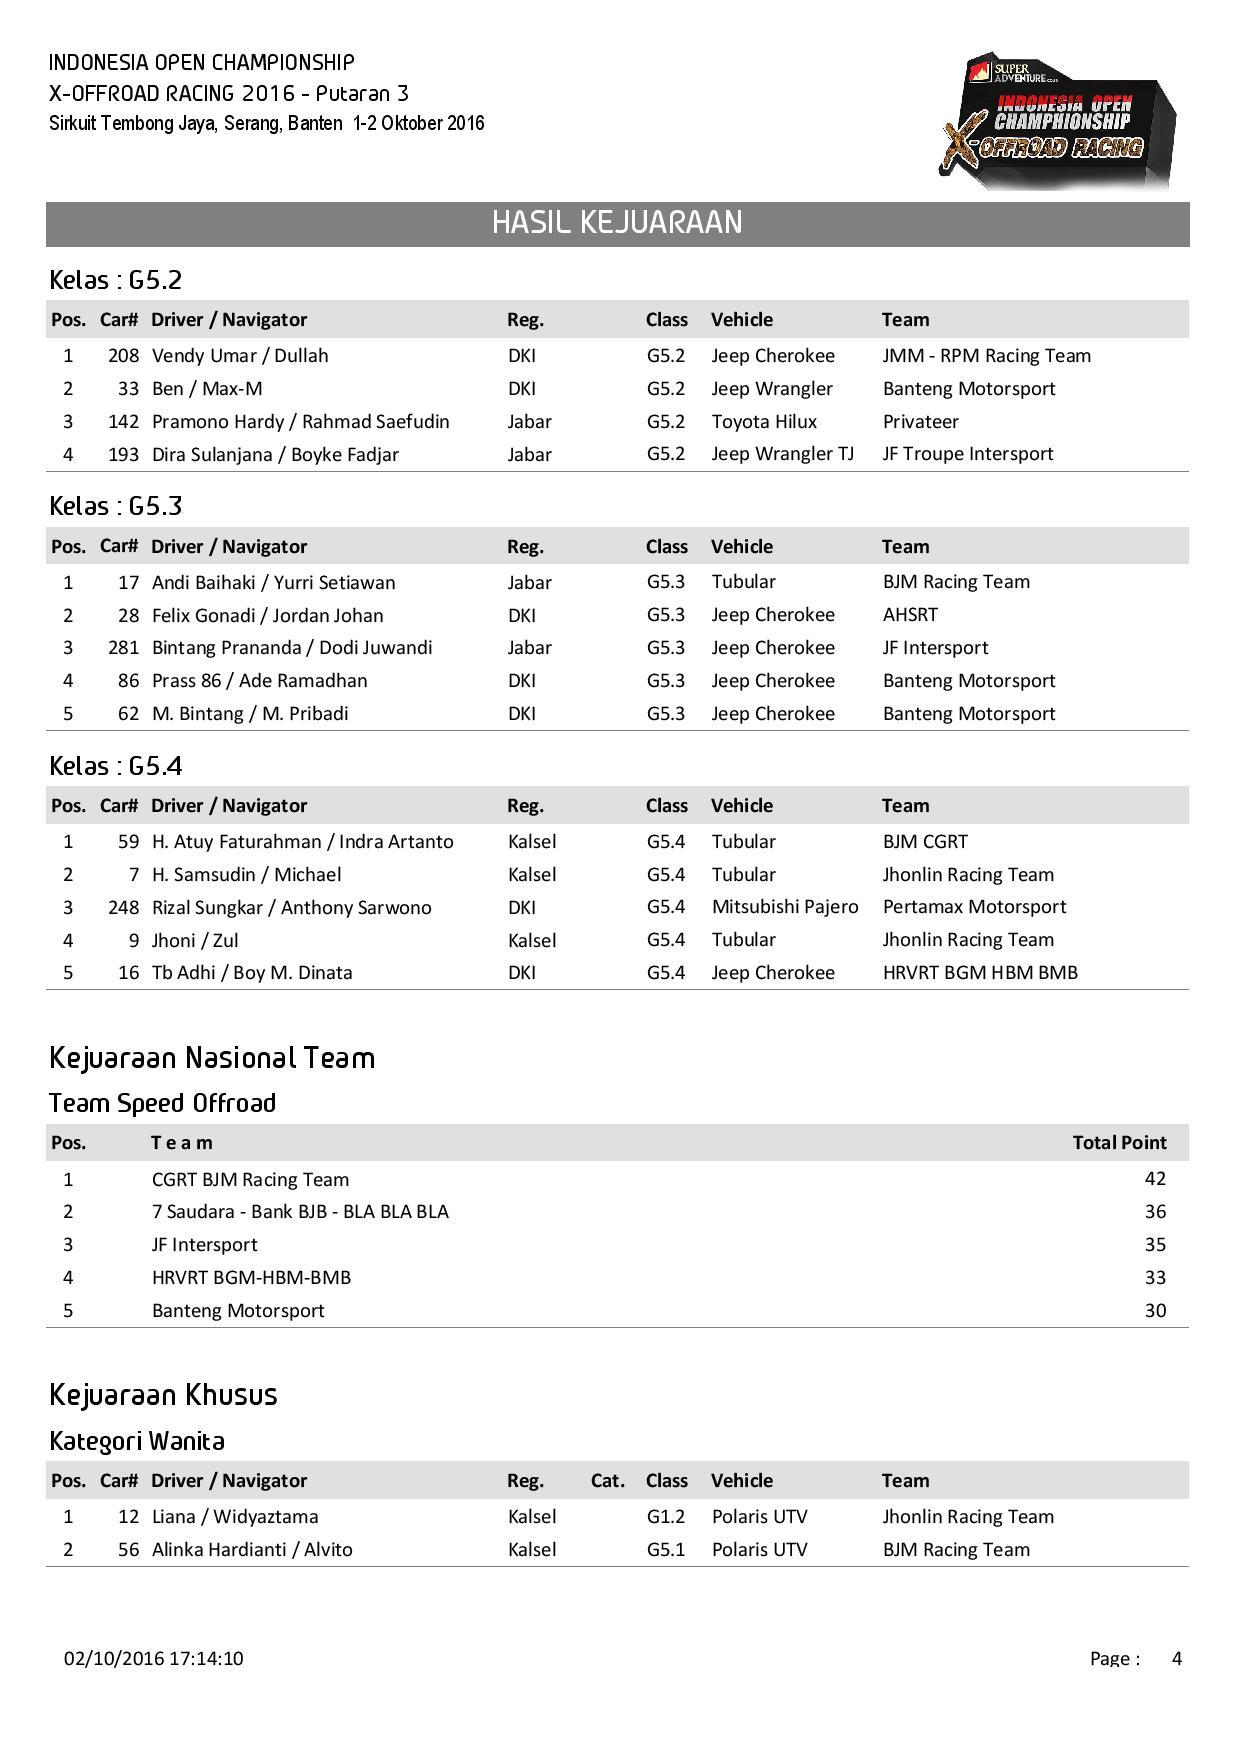 p3-hasil-kejuaraan-page-004